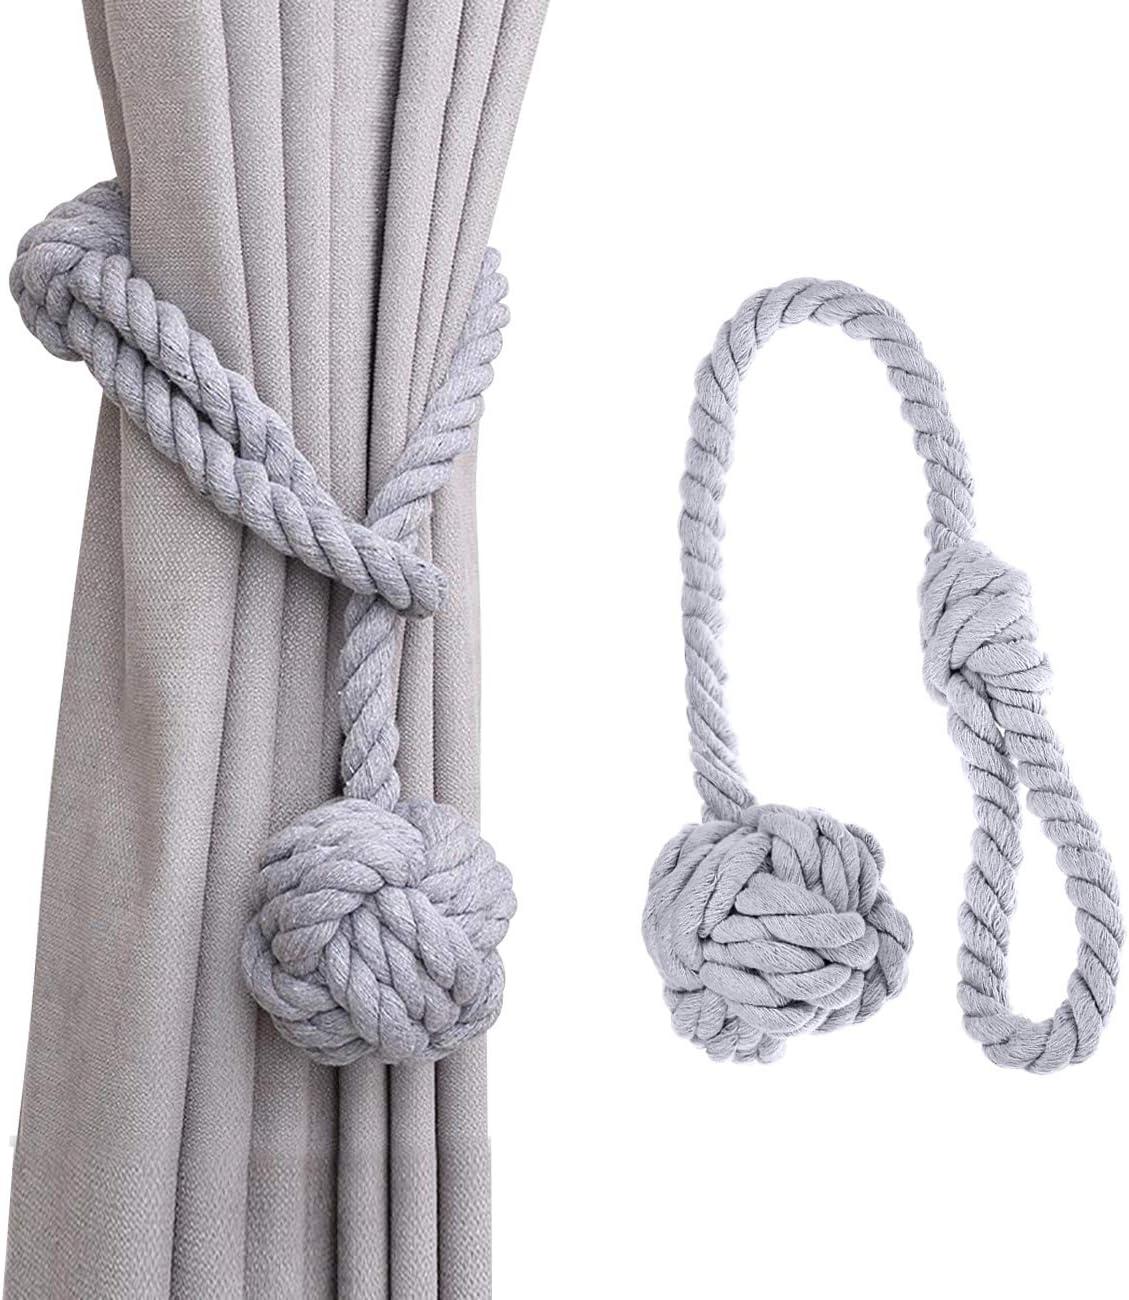 Beige, 1 Kugel, 1PC Dyna-Living Vorhang Raffhalter Gardinenhalter Seil Vorhanghalter Curtains Tie Backs Raffhalter Clip Curtain Holdbacks